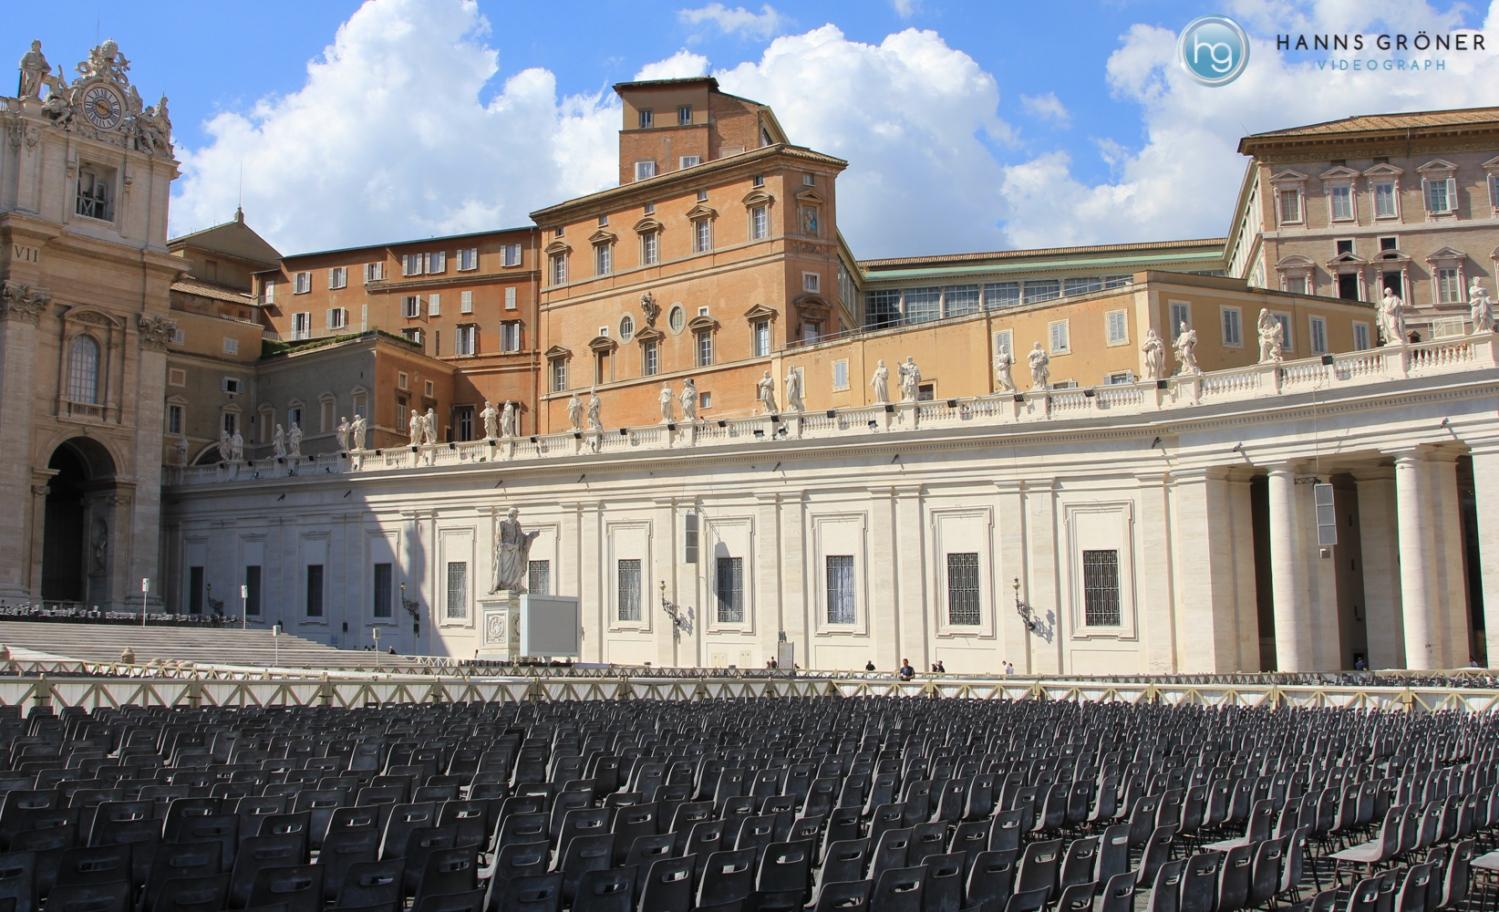 Italien |Rom - Vatikan und Sixtinische Kapelle